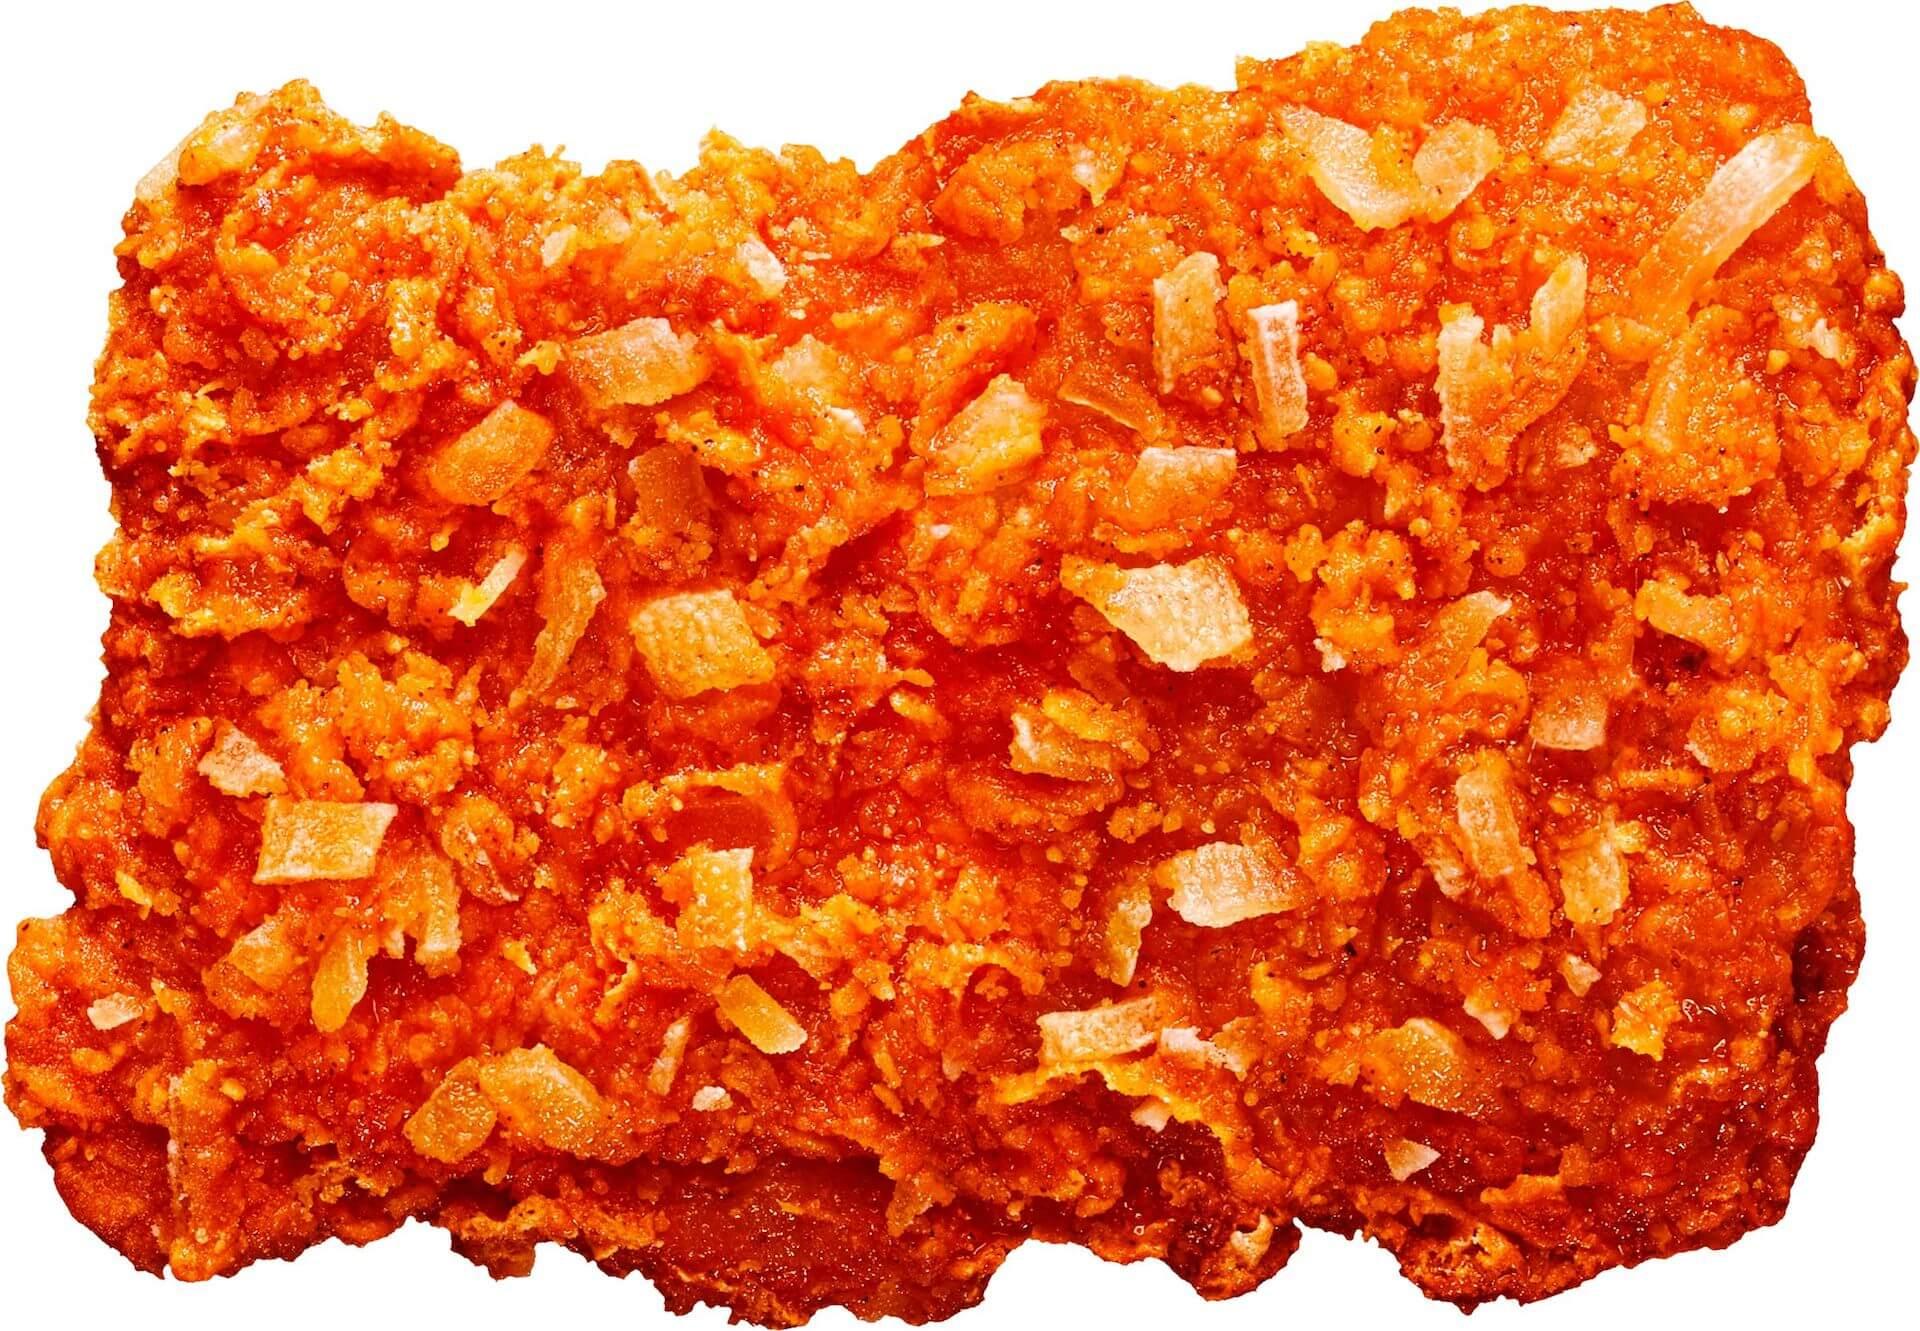 ファミチキにお菓子の定番・カラムーチョ味が登場!ファミリーマートで本日より発売 gourmet200616_famichiki_3